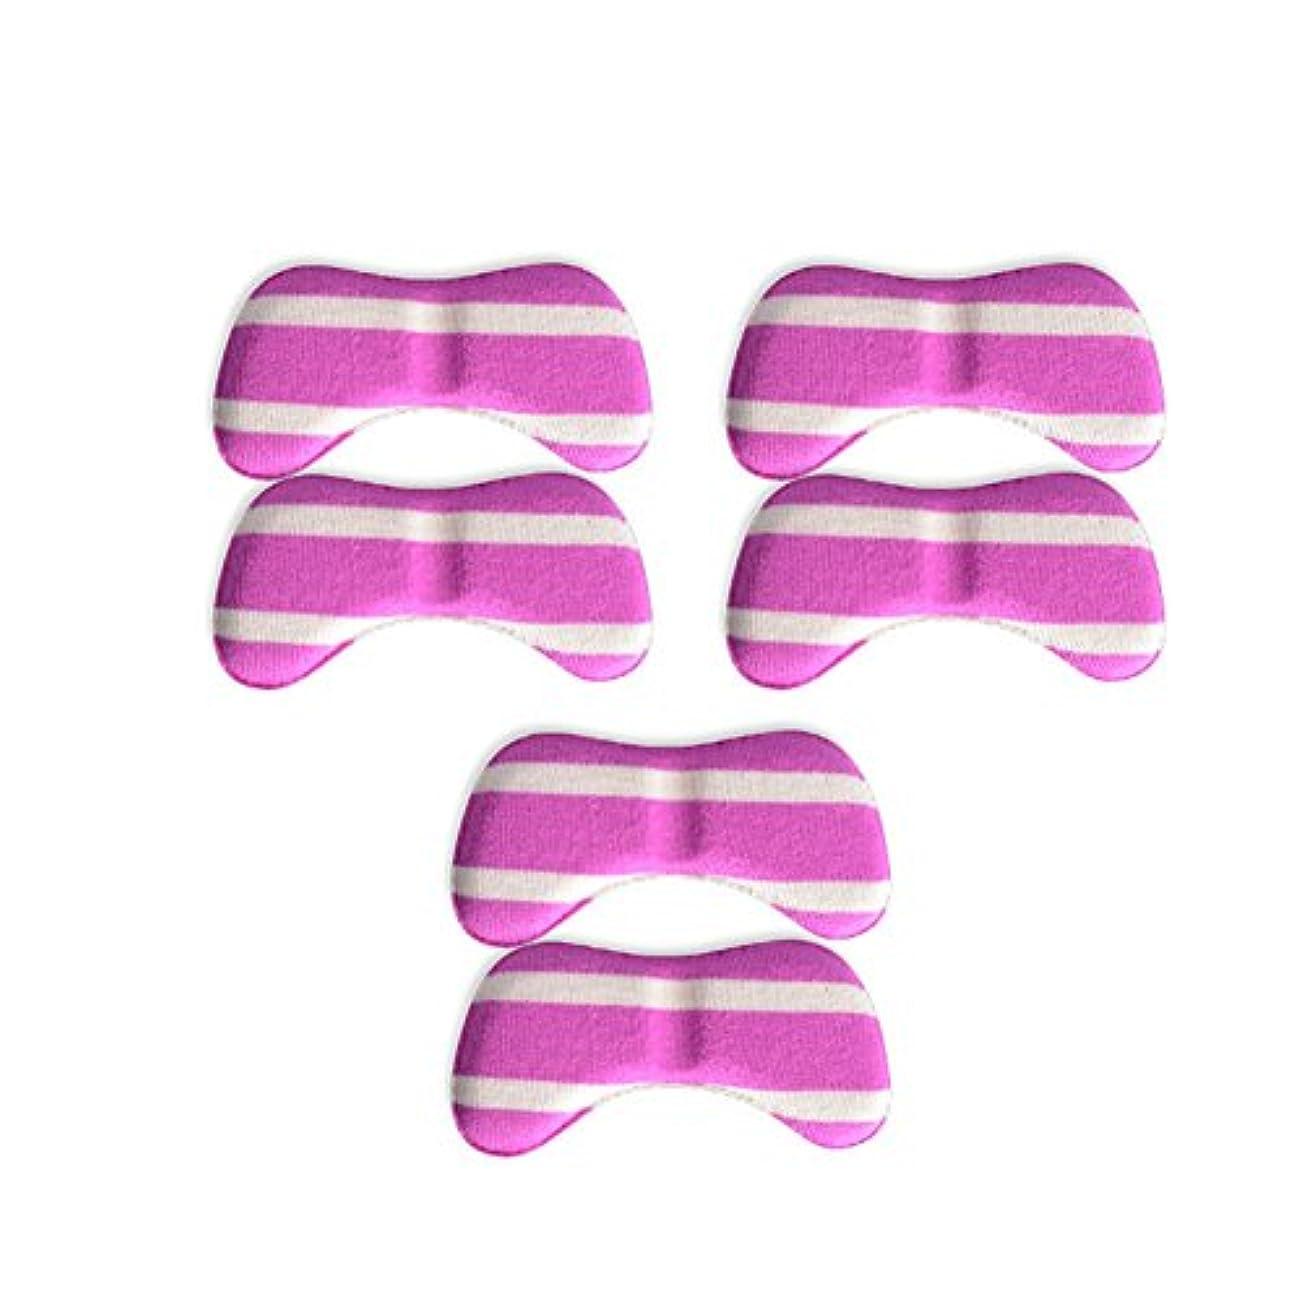 狭い教えて検査3ペア蝶の羽の形4D低反発靴のクッションパッドハイヒールインソール、ピンクストライプ